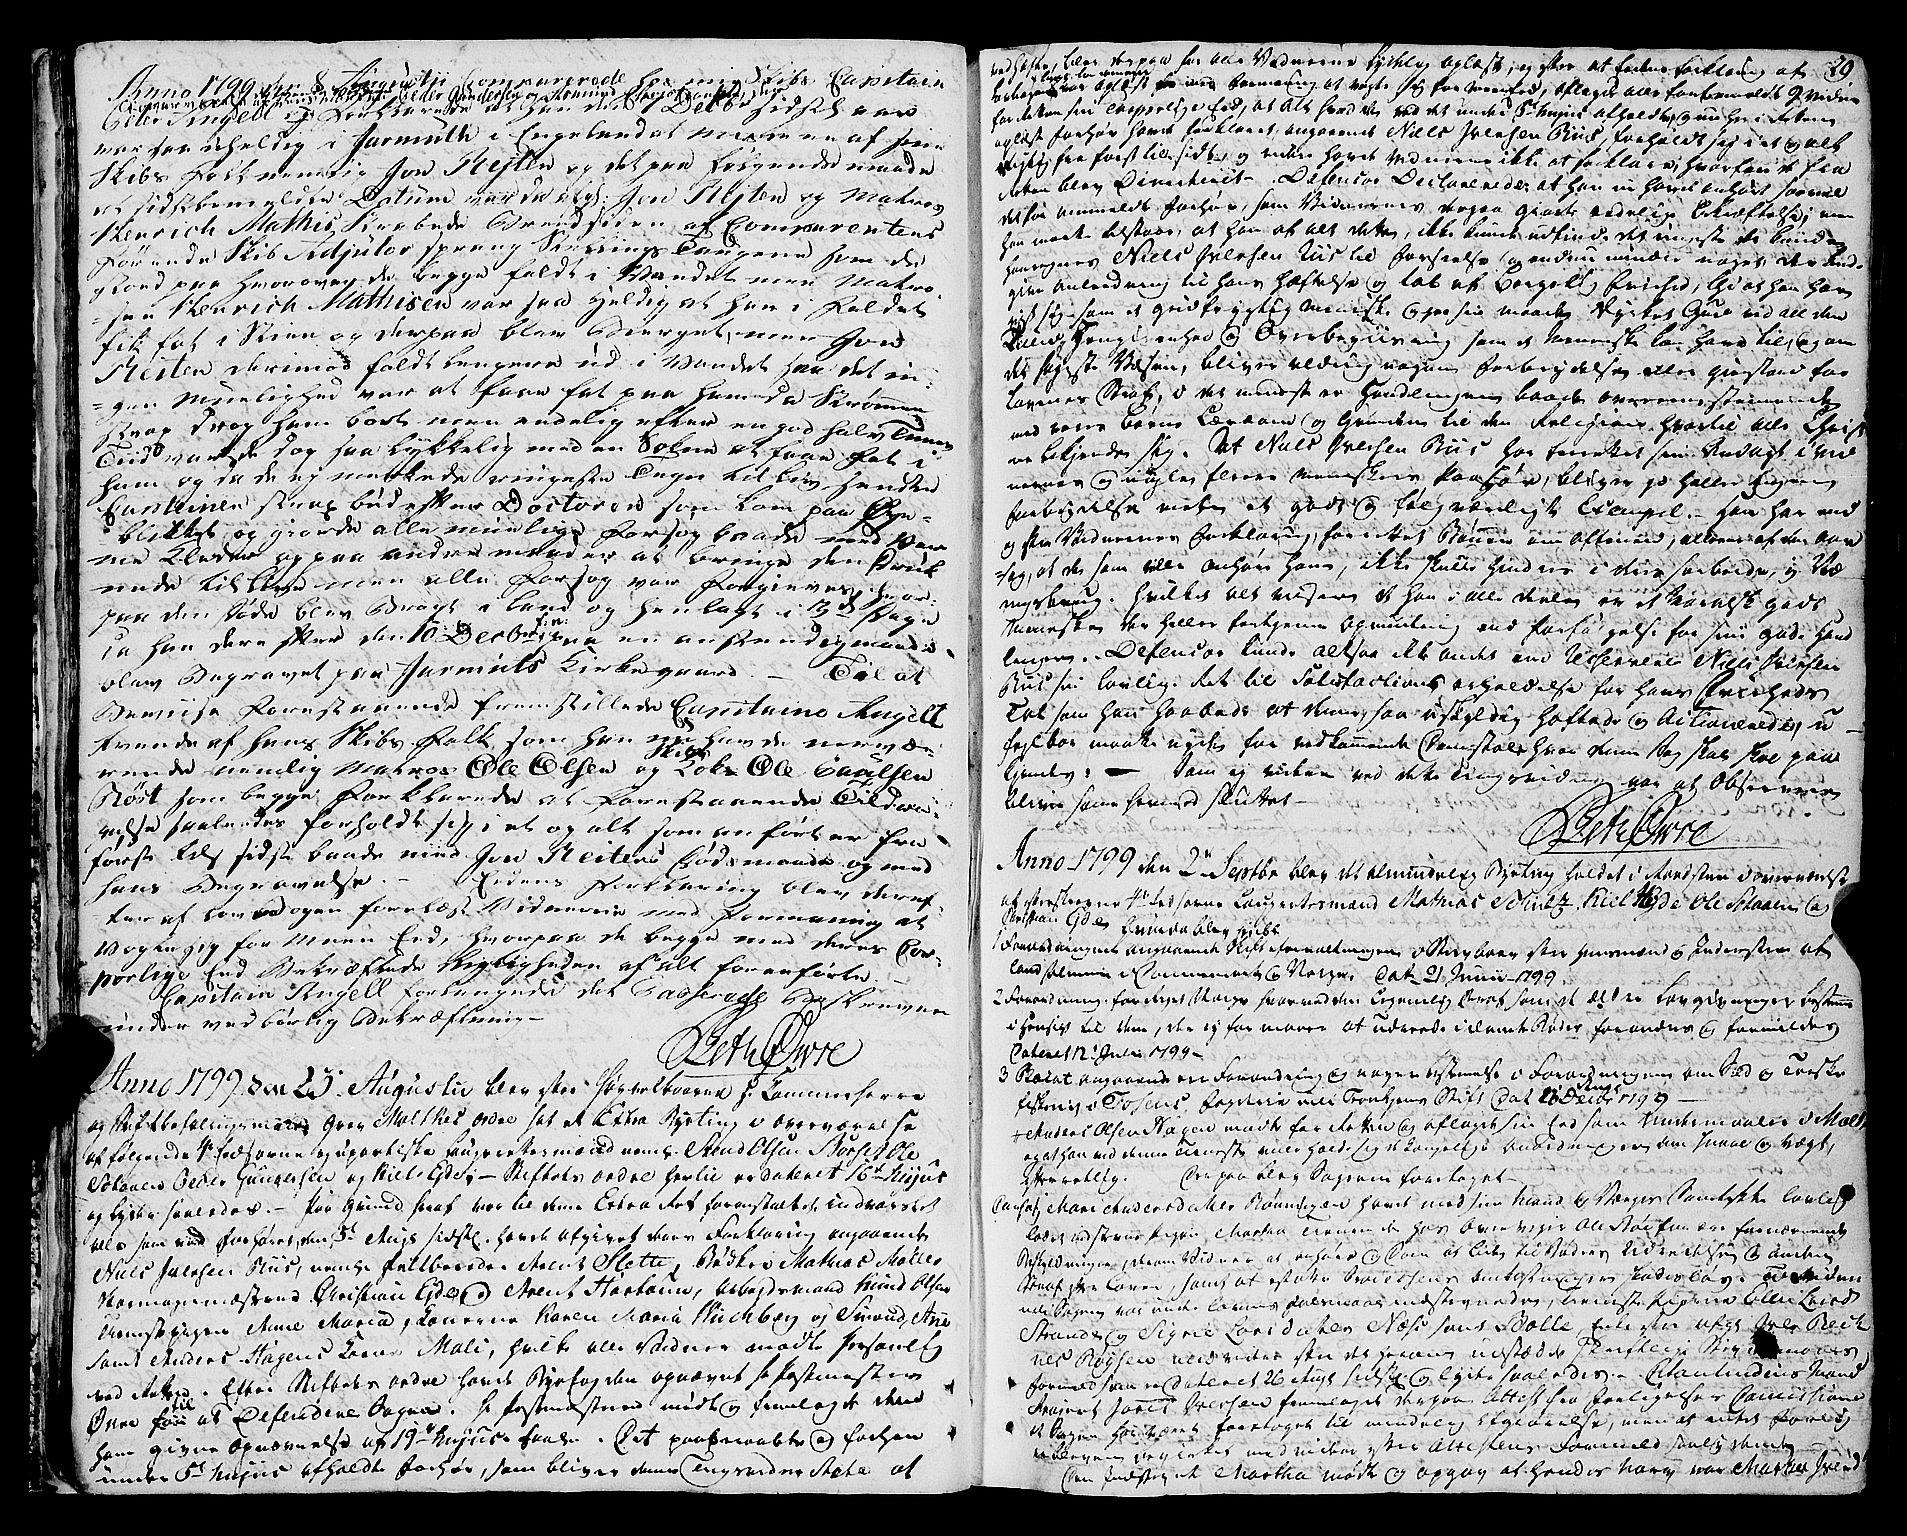 SAT, Molde byfogd, 1/1A/L0002: Justisprotokoll, 1797-1831, s. 28b-29a